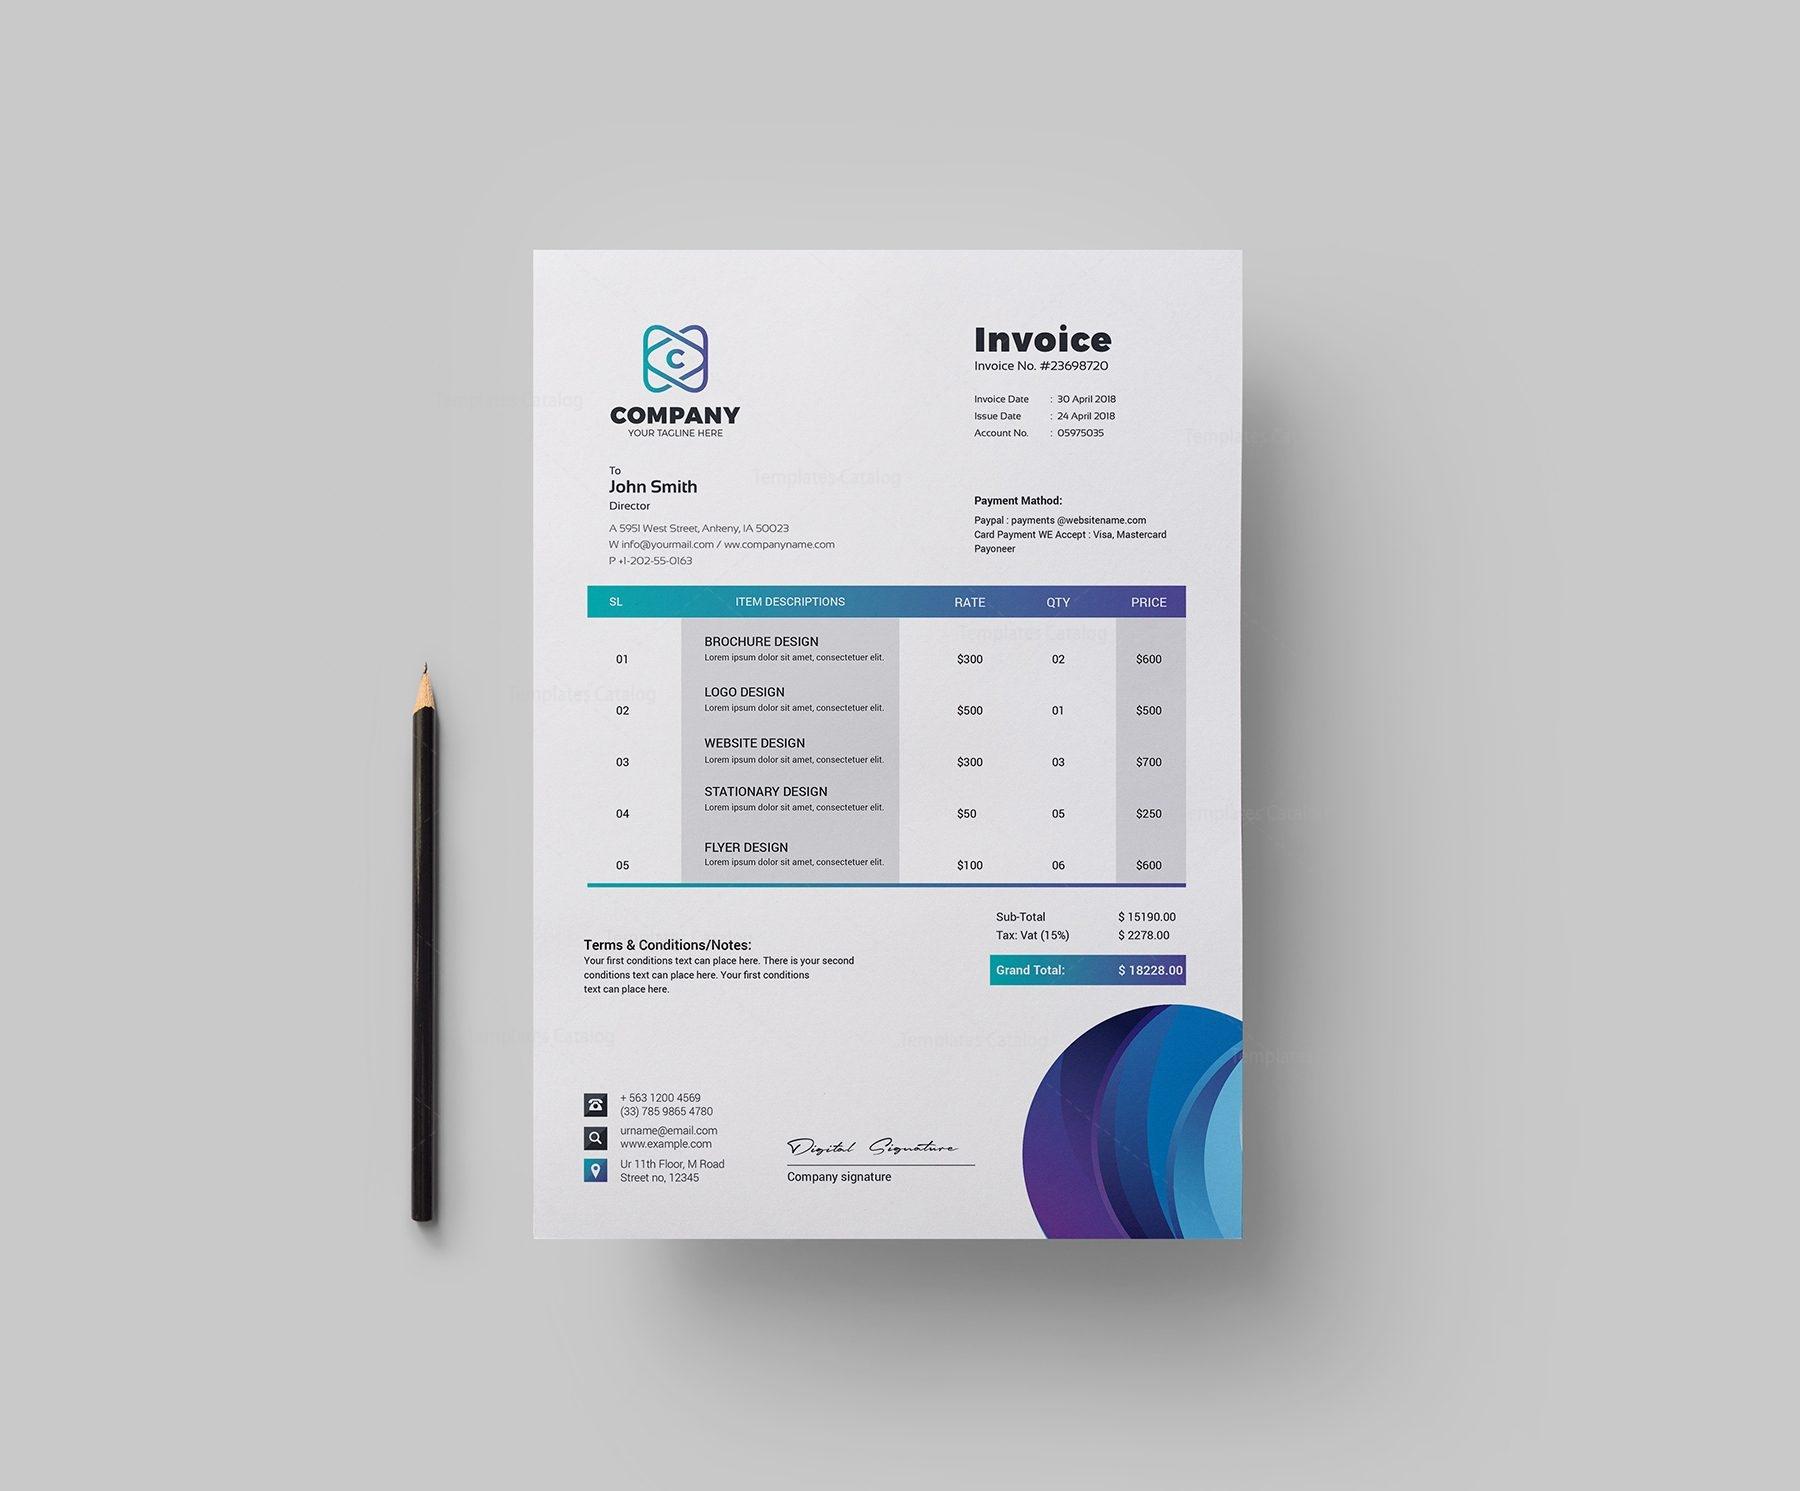 Top Corporate Invoice Design Template 002149 - Template Catalog